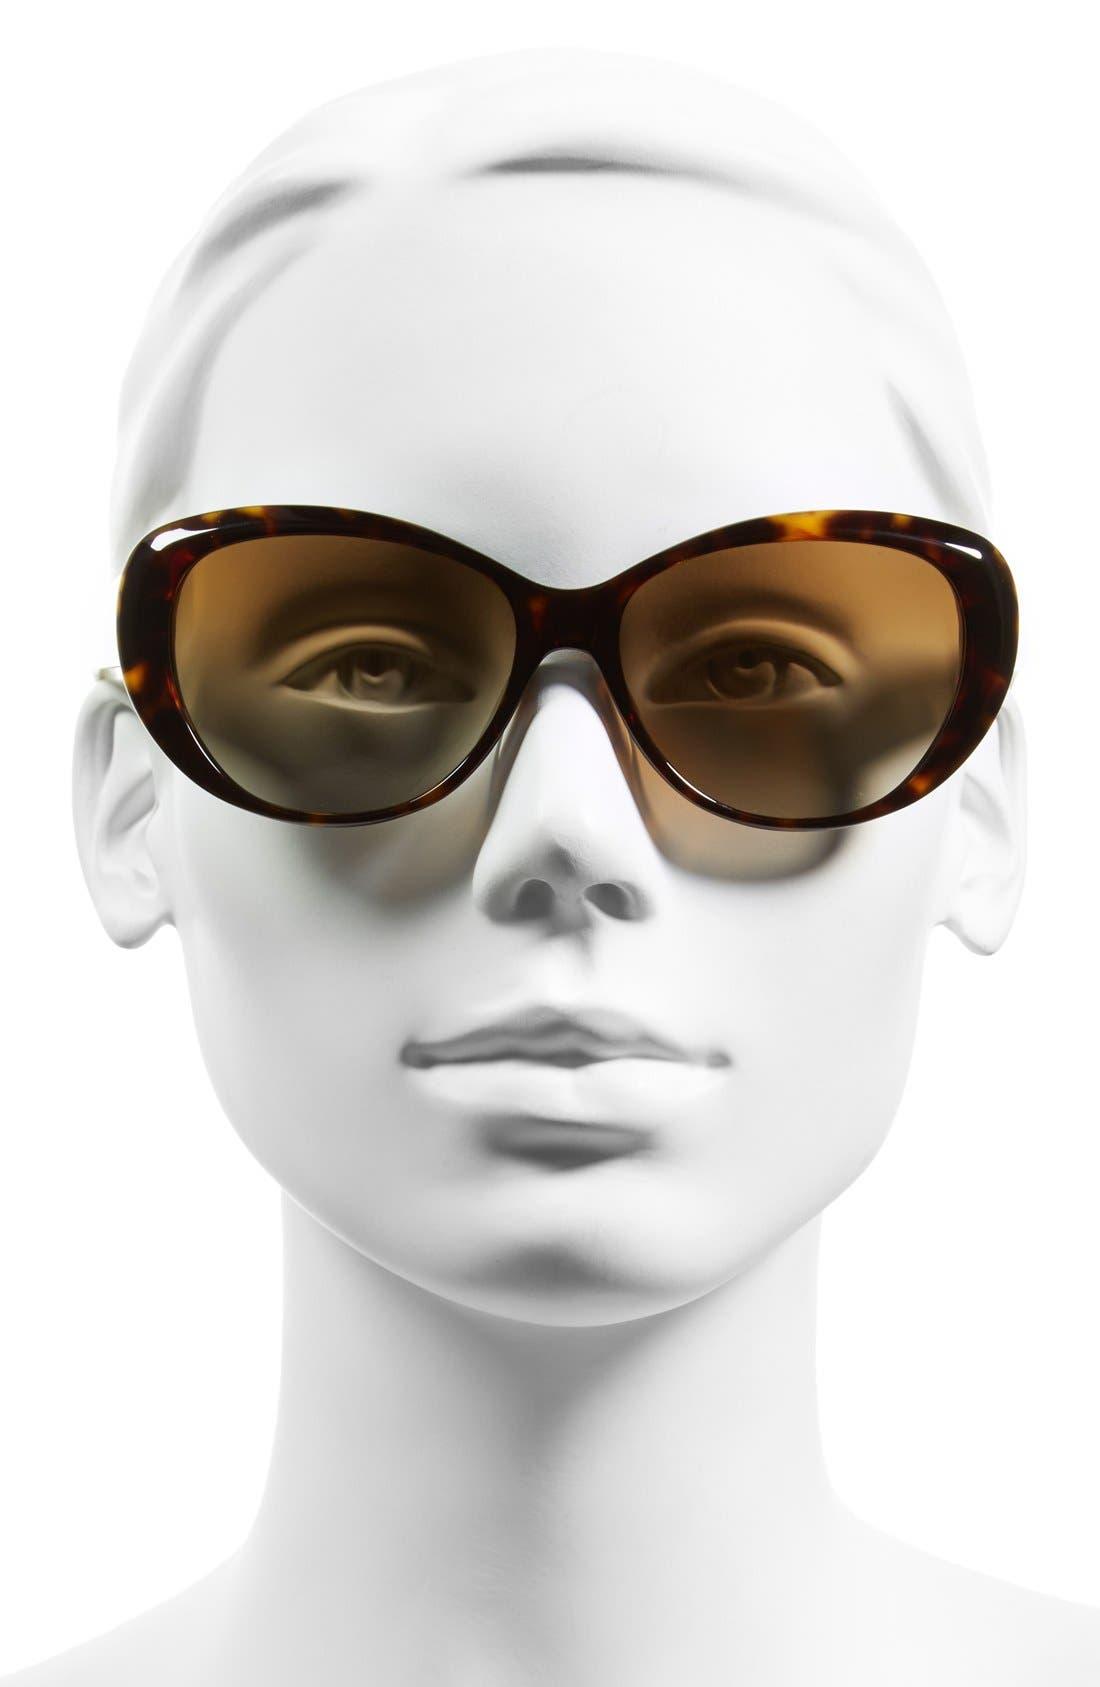 56mm Polarized Cat Eye Sunglasses,                             Alternate thumbnail 2, color,                             Dark Tortoise/ Polar